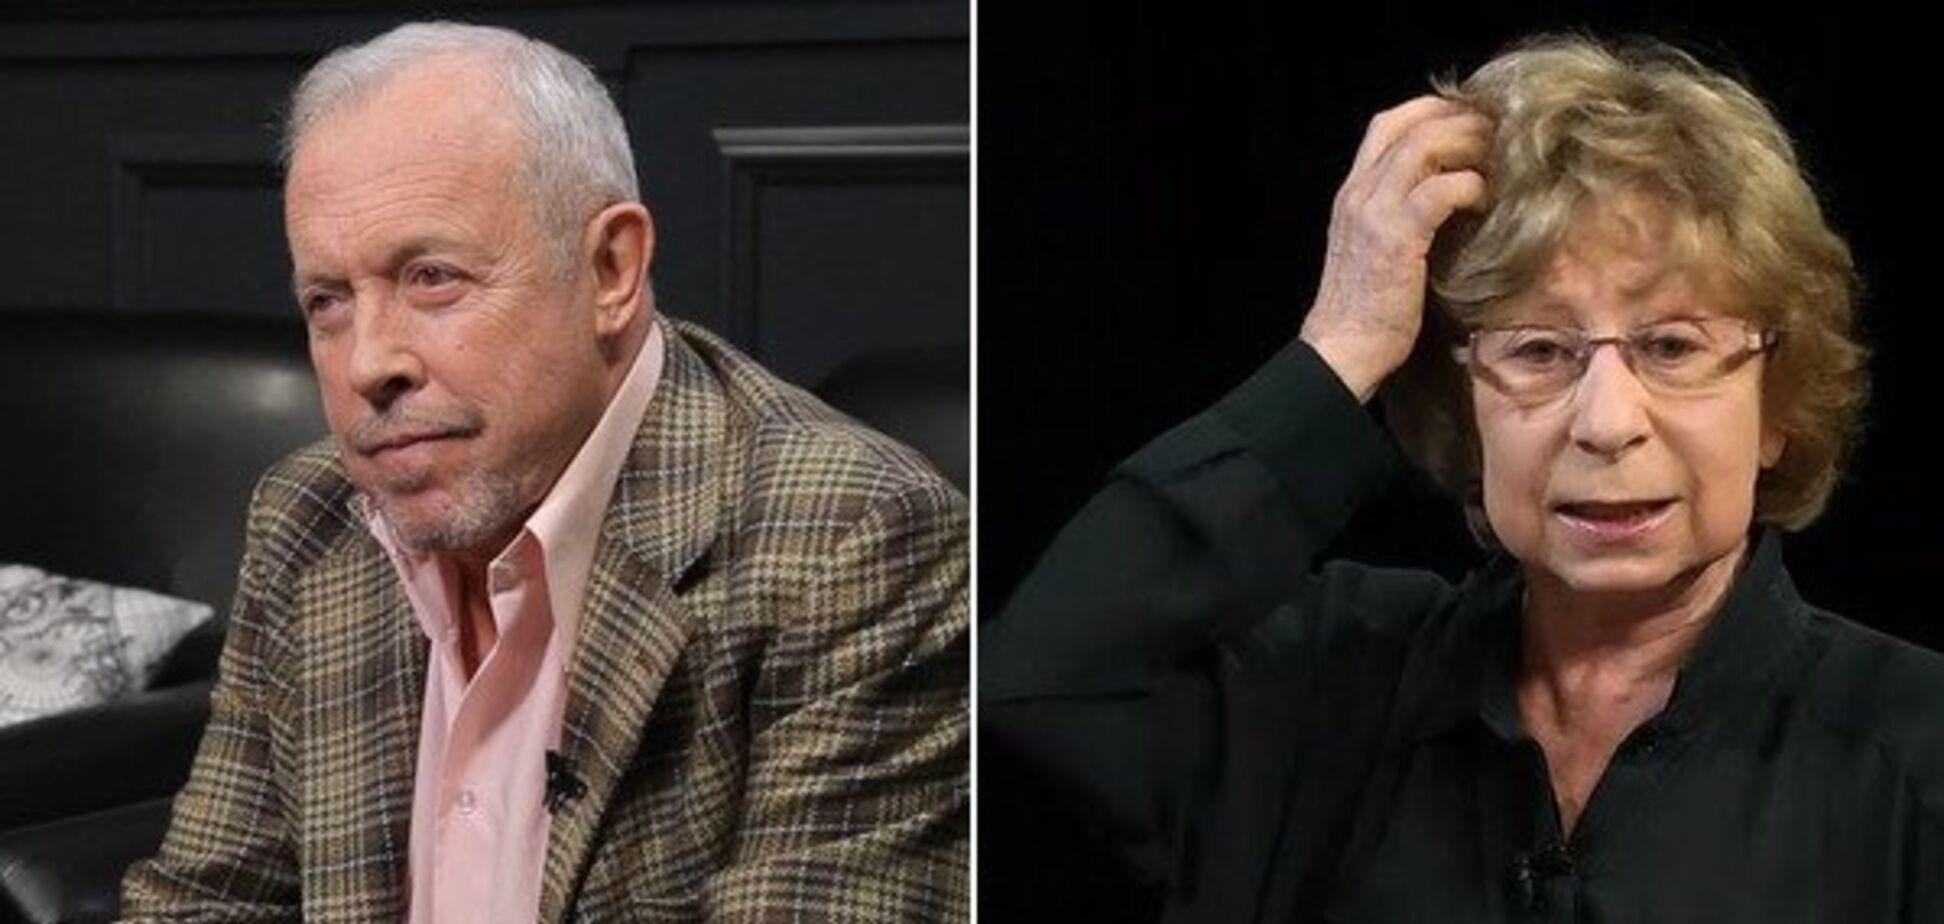 'Валить із країни, гниди': росіяни накинулися на Макаревича та Ахеджакову через Путіна